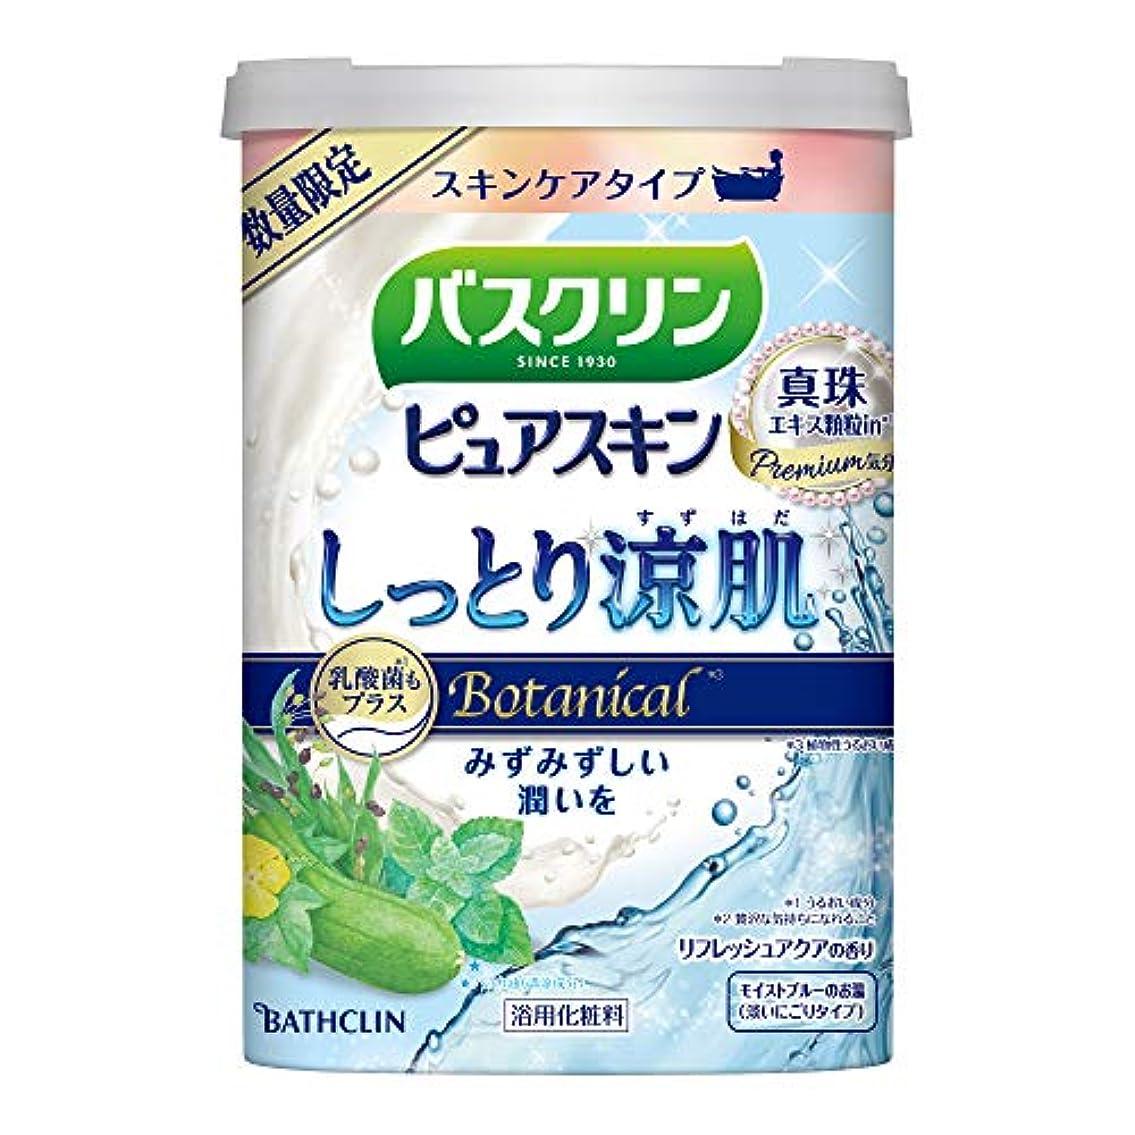 破壊的乗り出す宿る【数量限定品】バスクリンピュアスキン入浴剤 しっとり涼肌600g(約30回分) スキンケアにごりタイプ 保湿